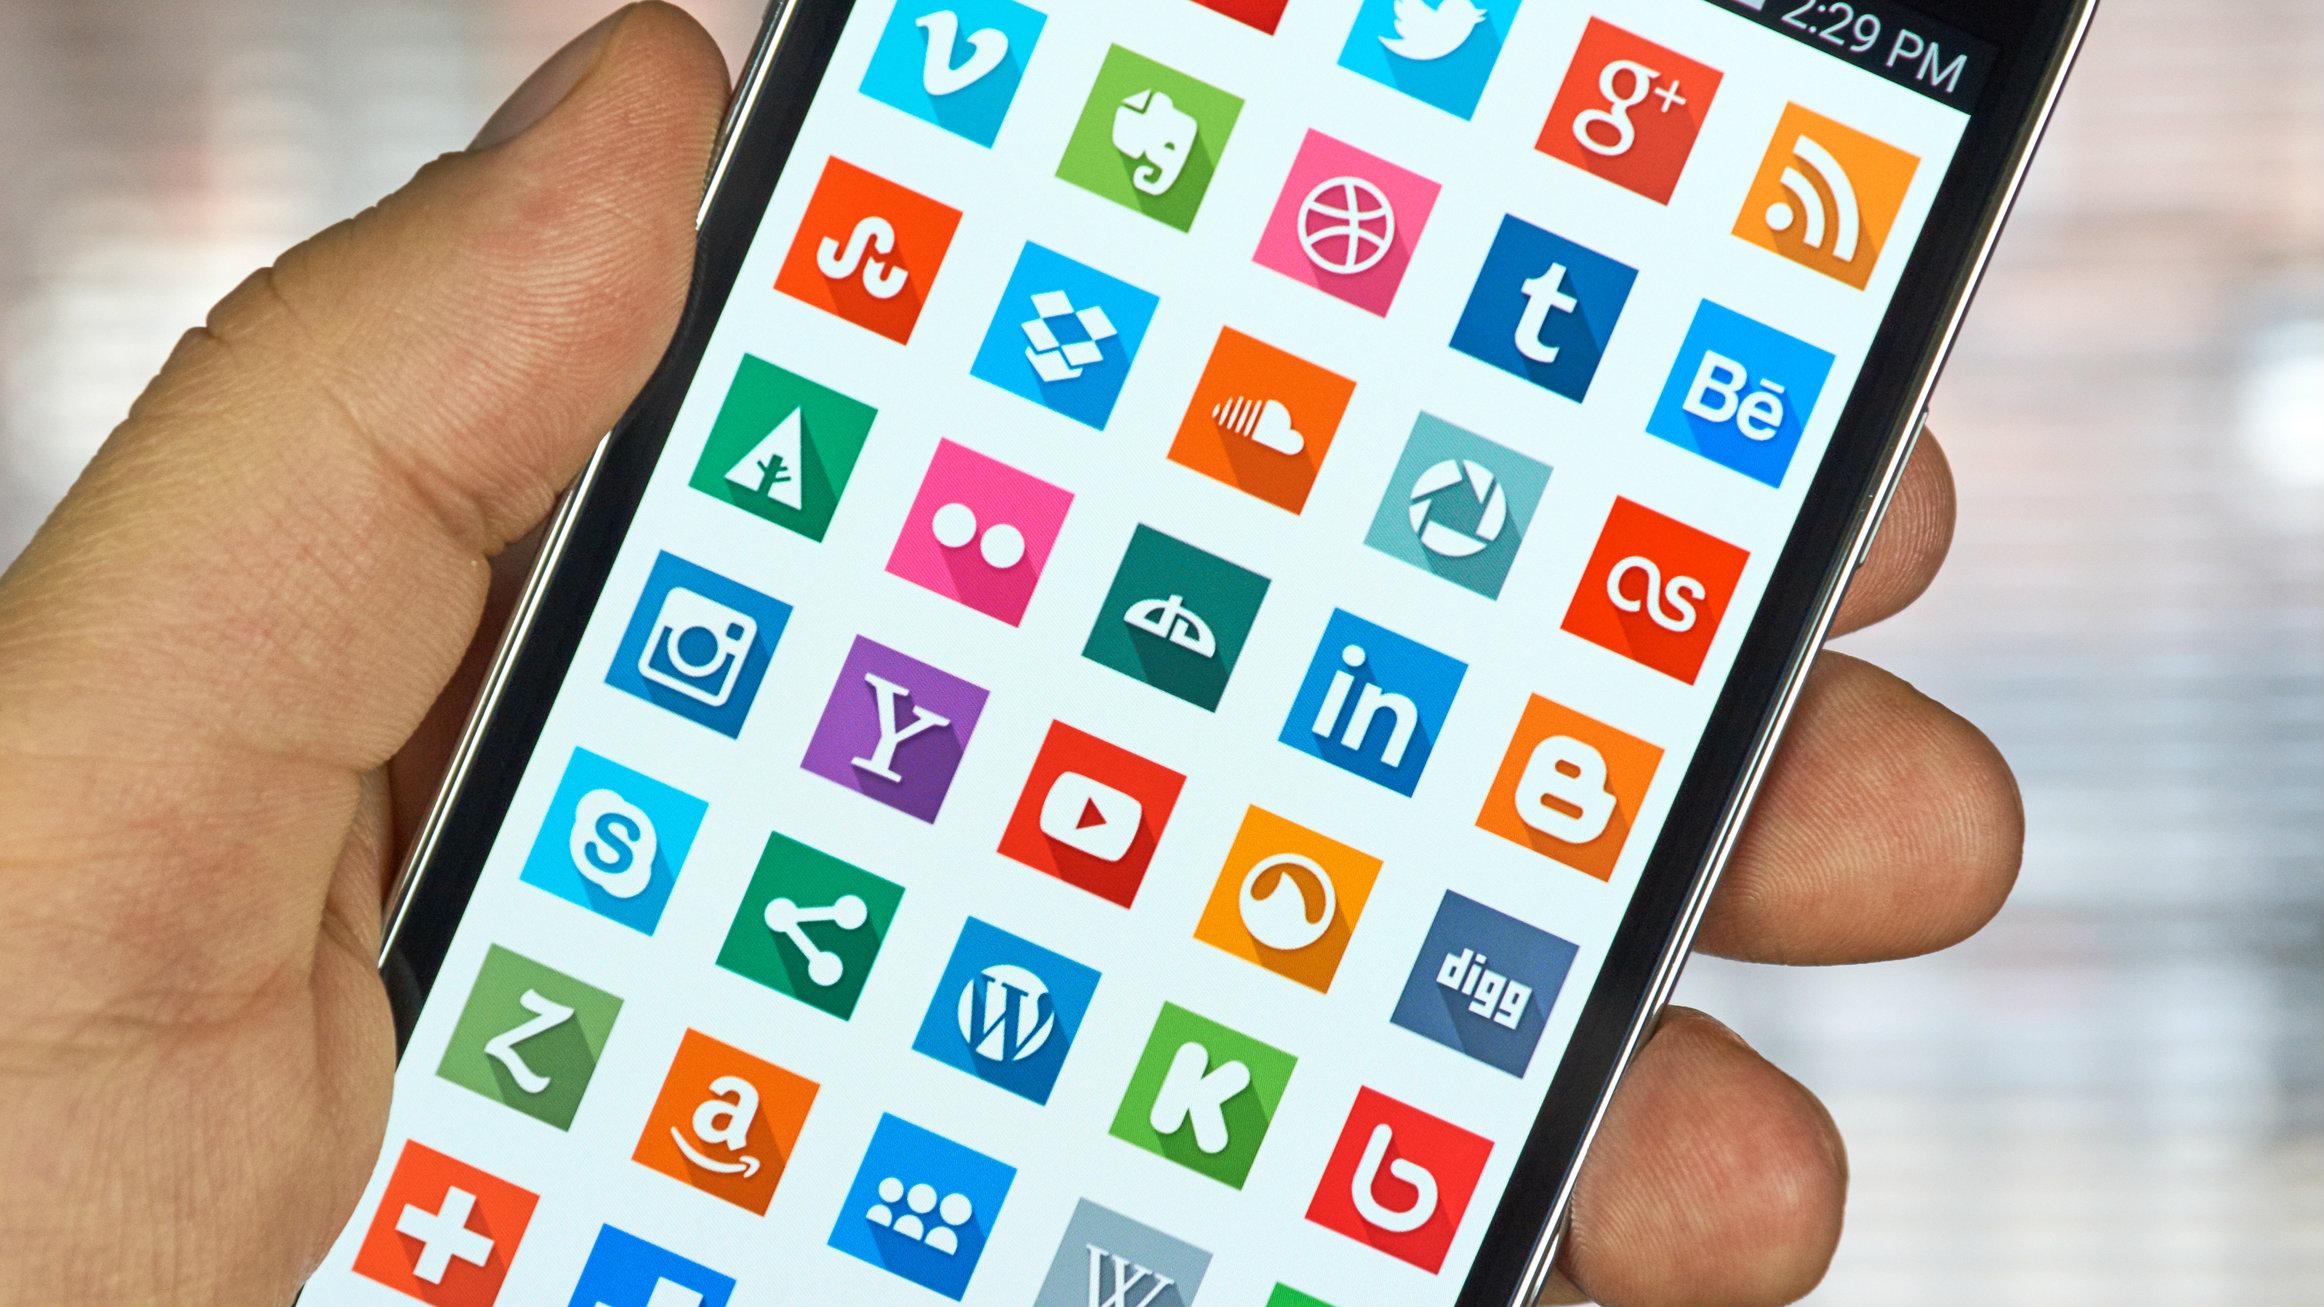 Photo of 22 تطبيق و 29 لعبة متاحين مجانًا ولفترة محدودة على متجر جوجل بلاي